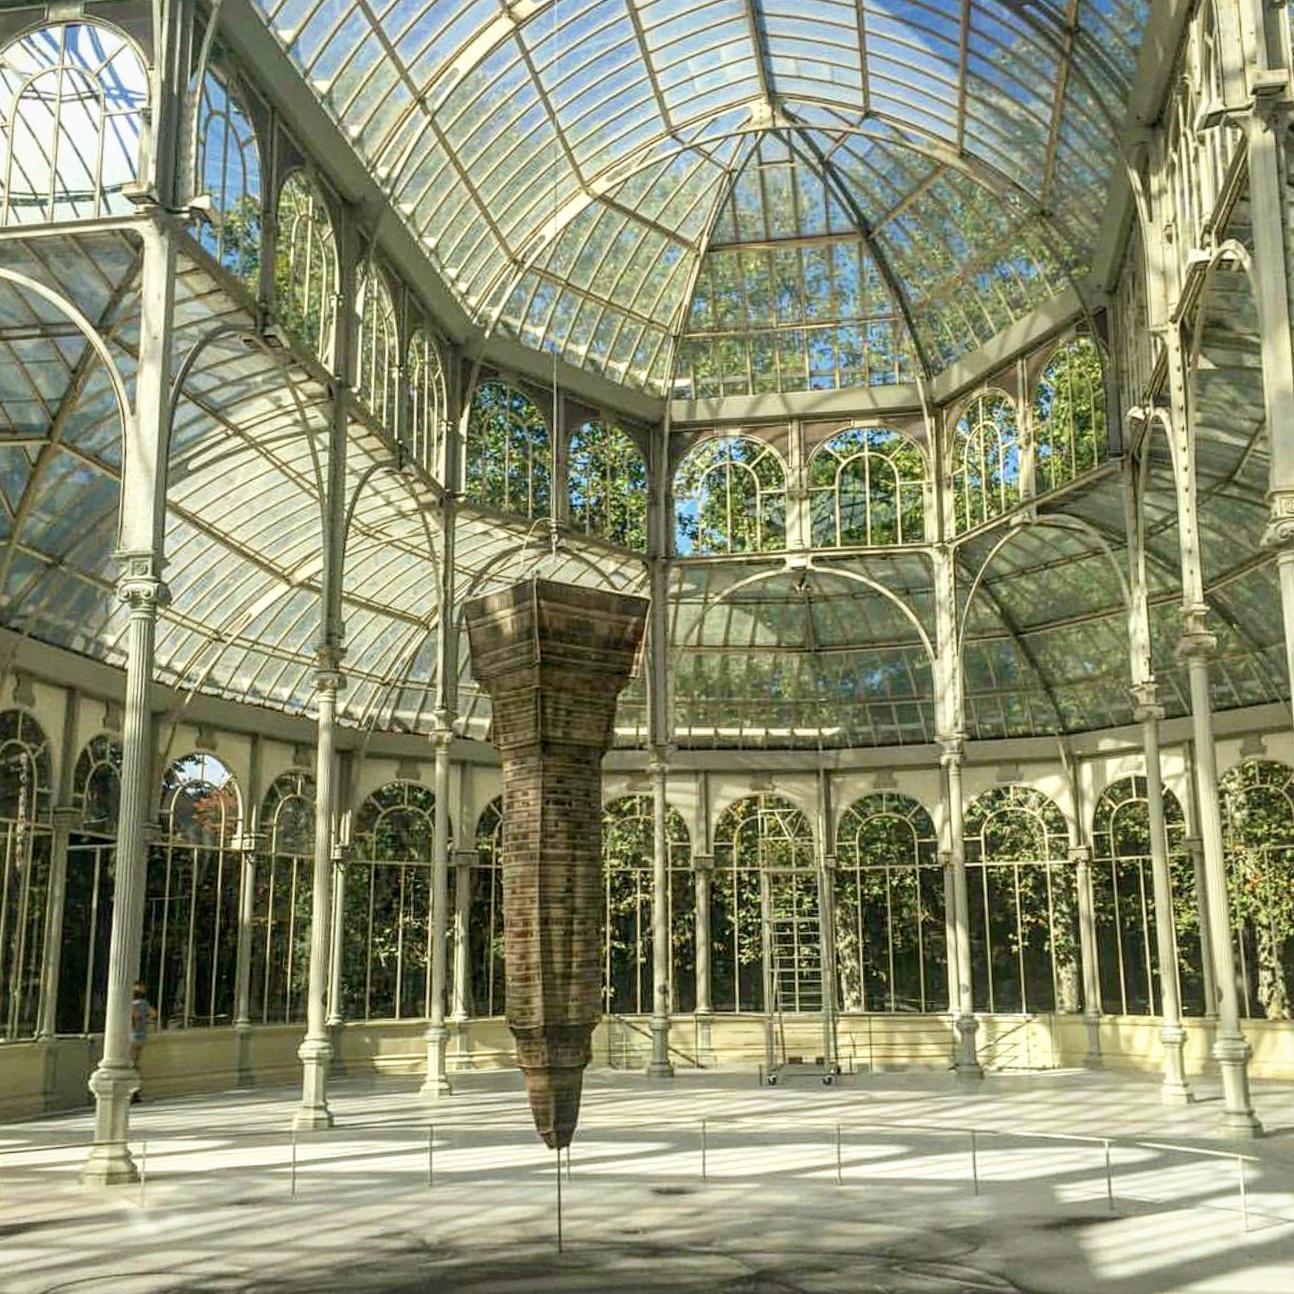 Palacio de Cristal dentro del Parque de El Retiro, Madrid